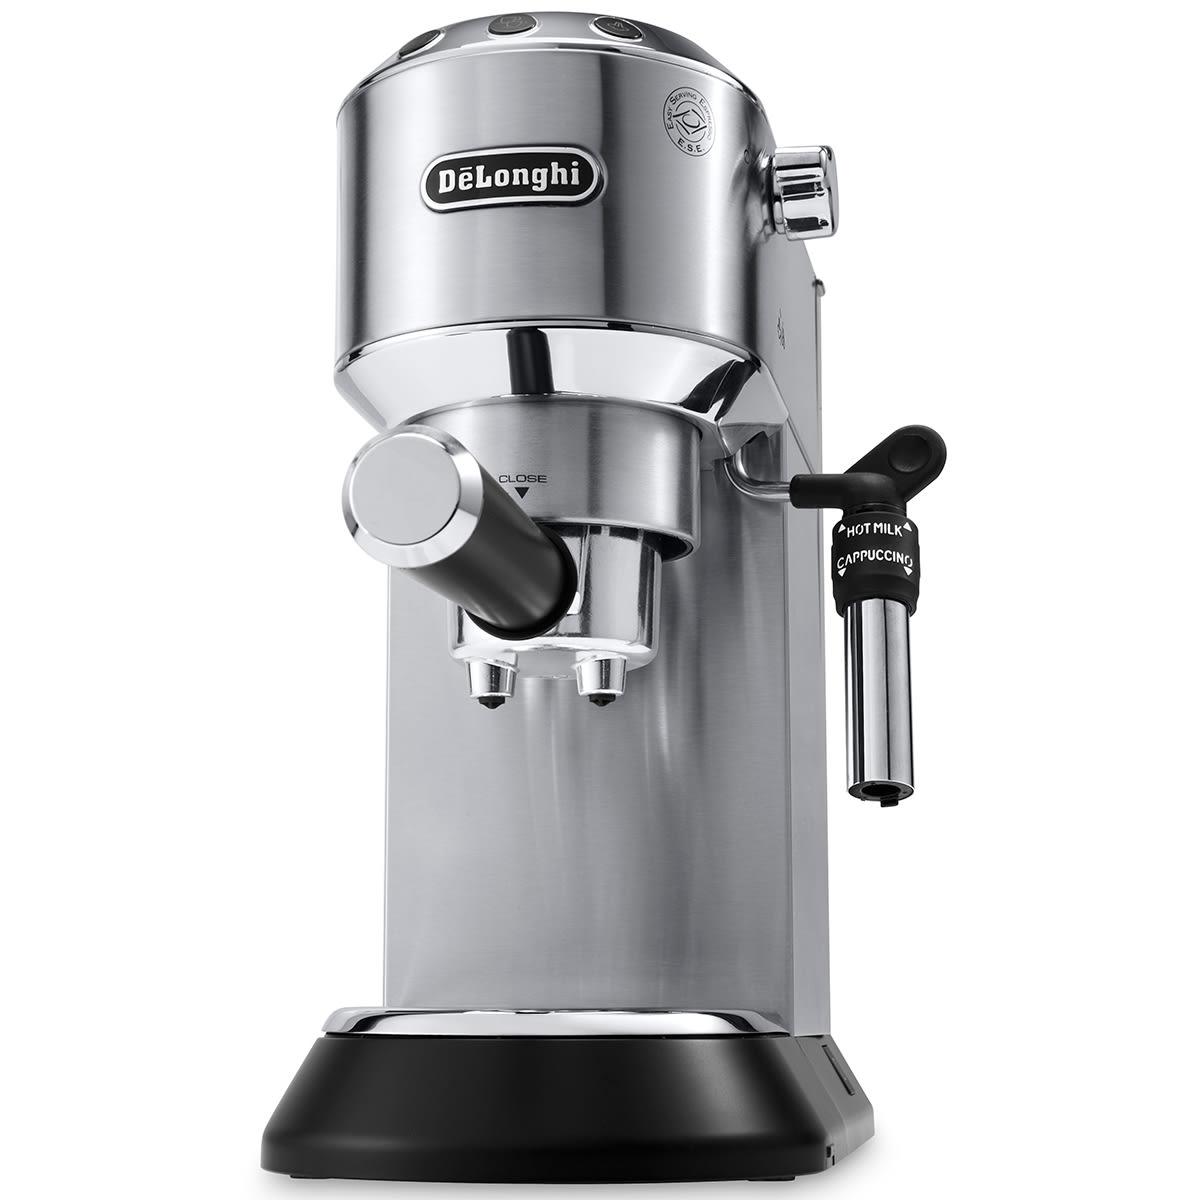 Semiautomatisk espressomaskine med integreret mælkeskummer